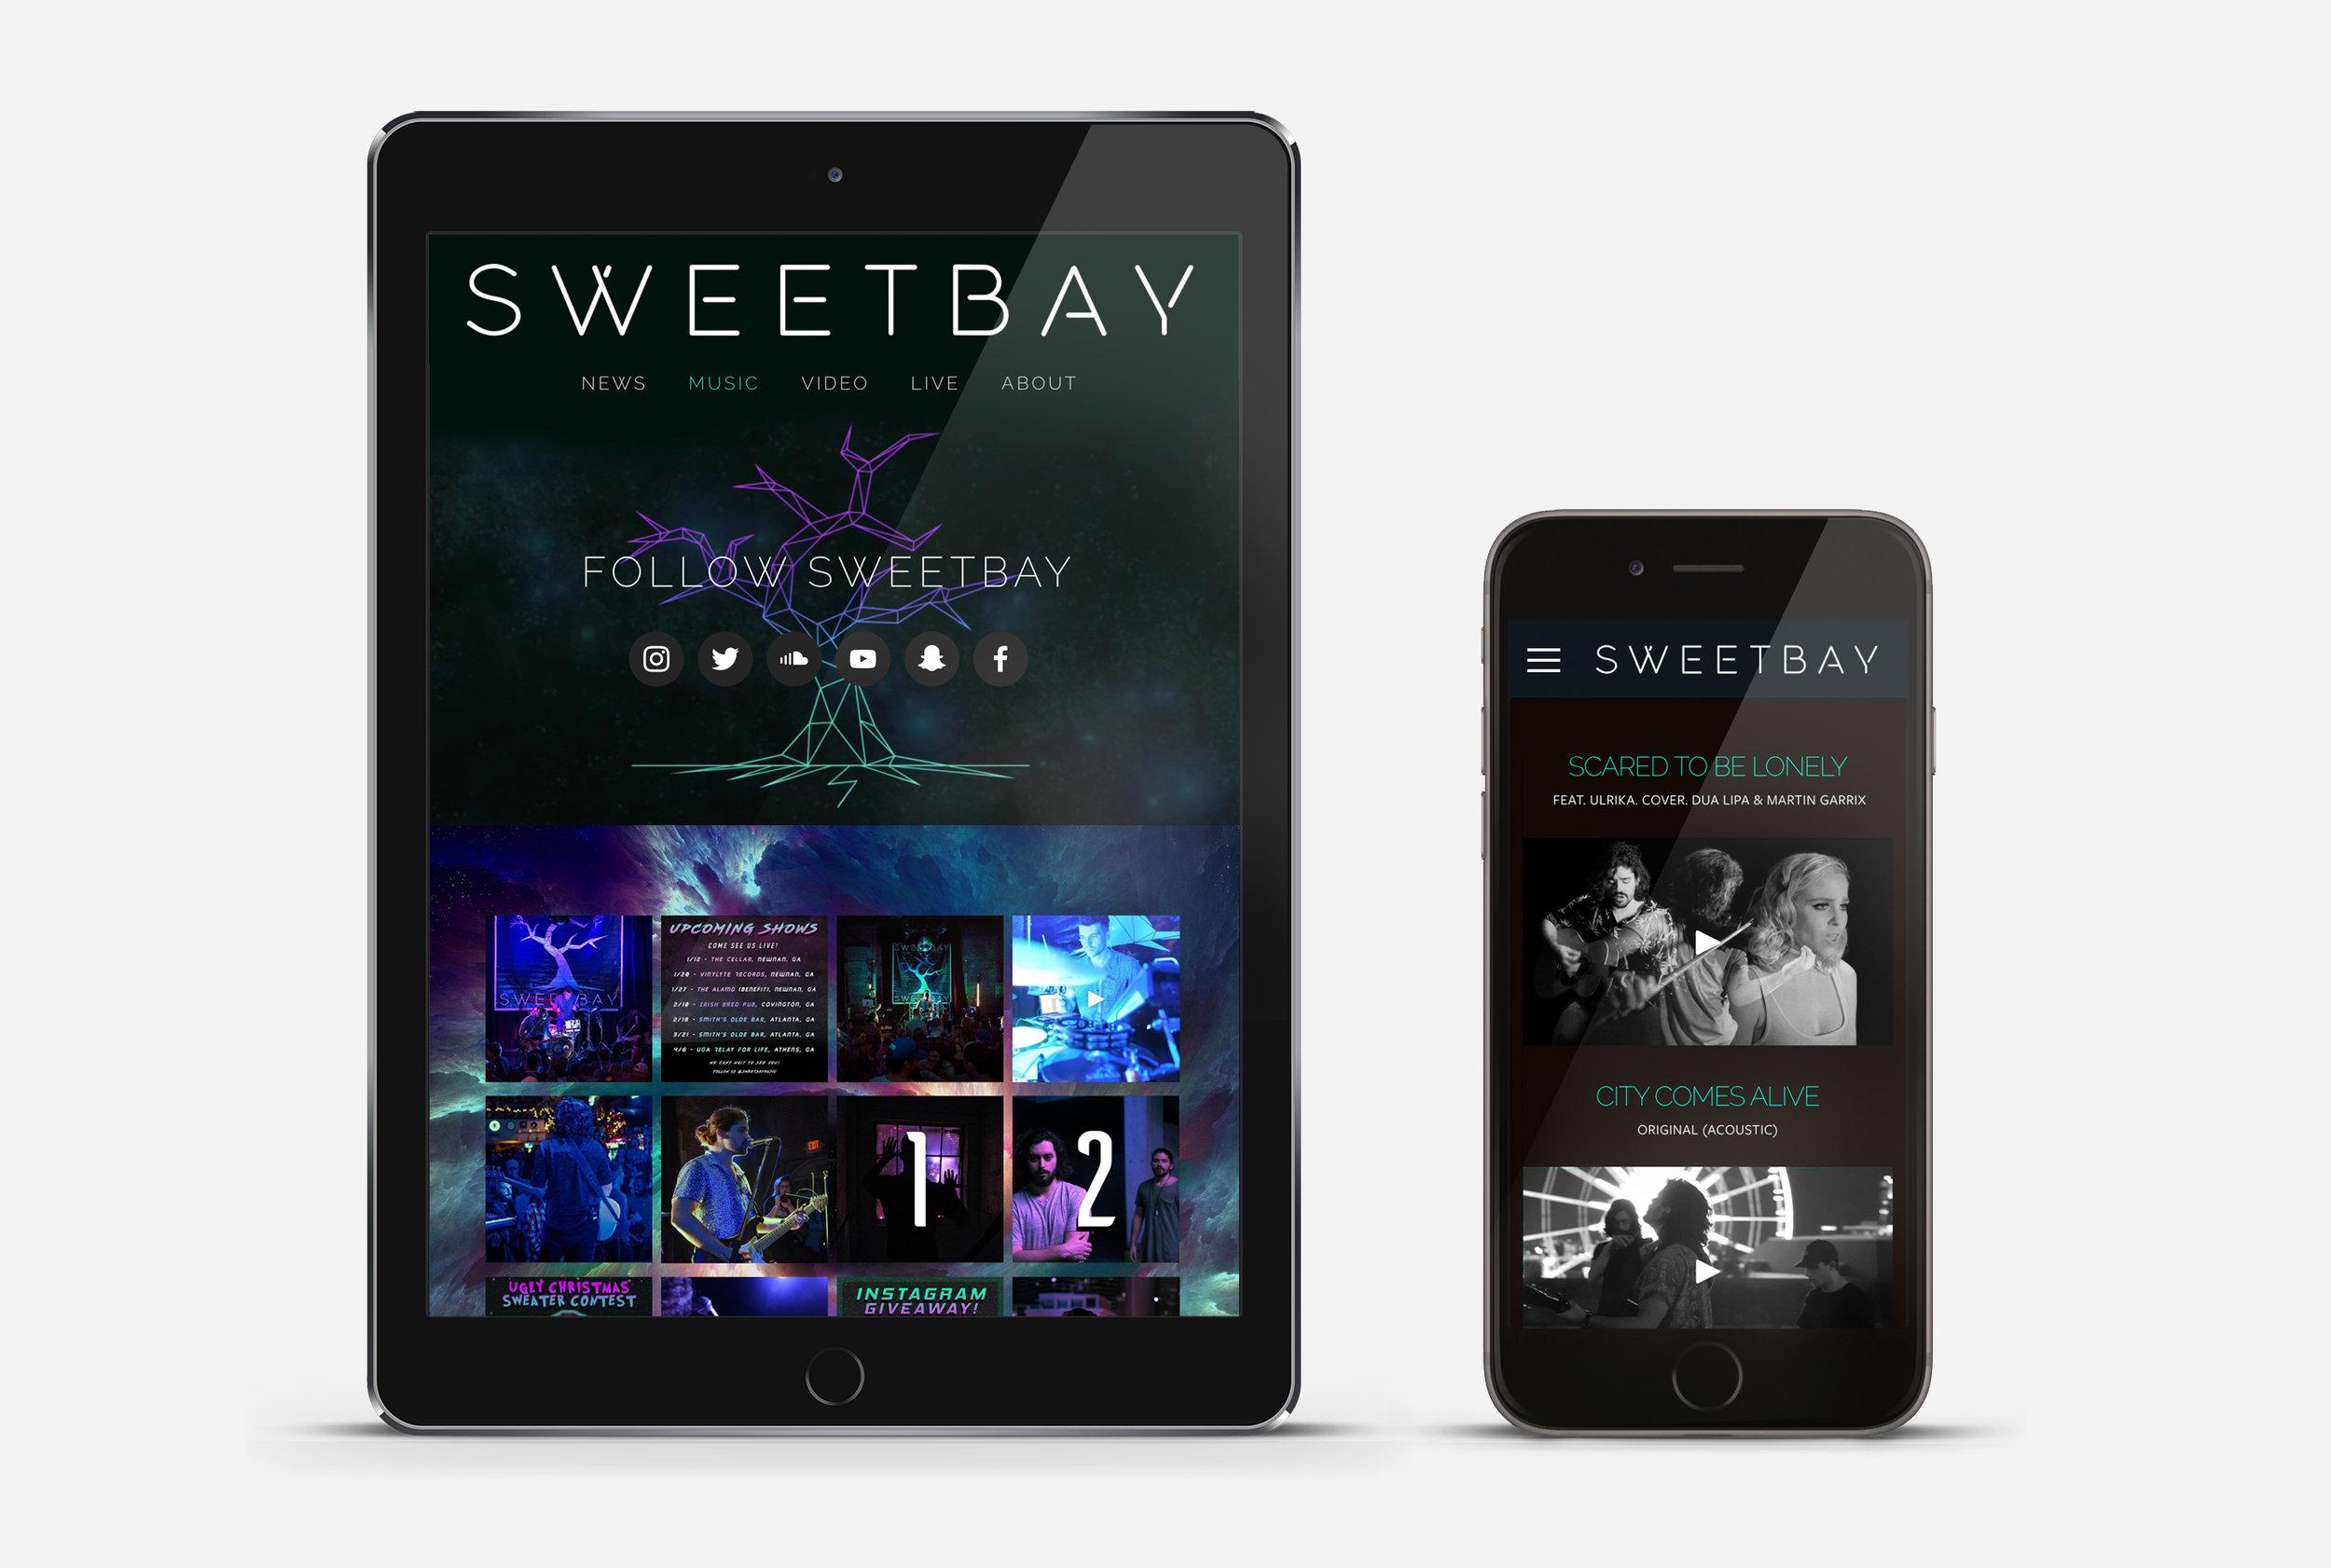 Ipad & Iphone_SWEETBAY.jpg